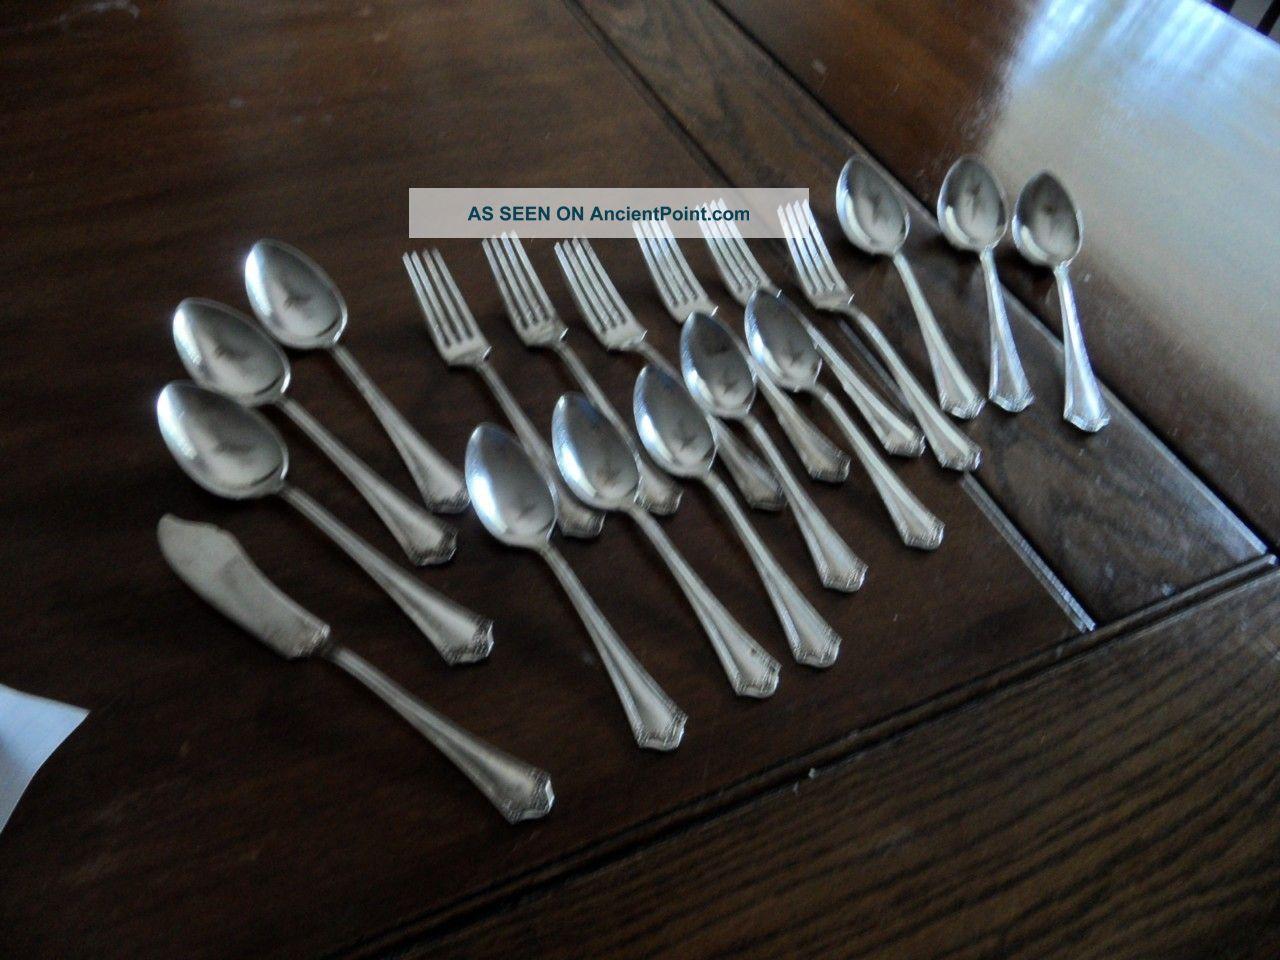 18 Miscellaneous Community Par Plate Flatware Oneida/Wm. A. Rogers photo